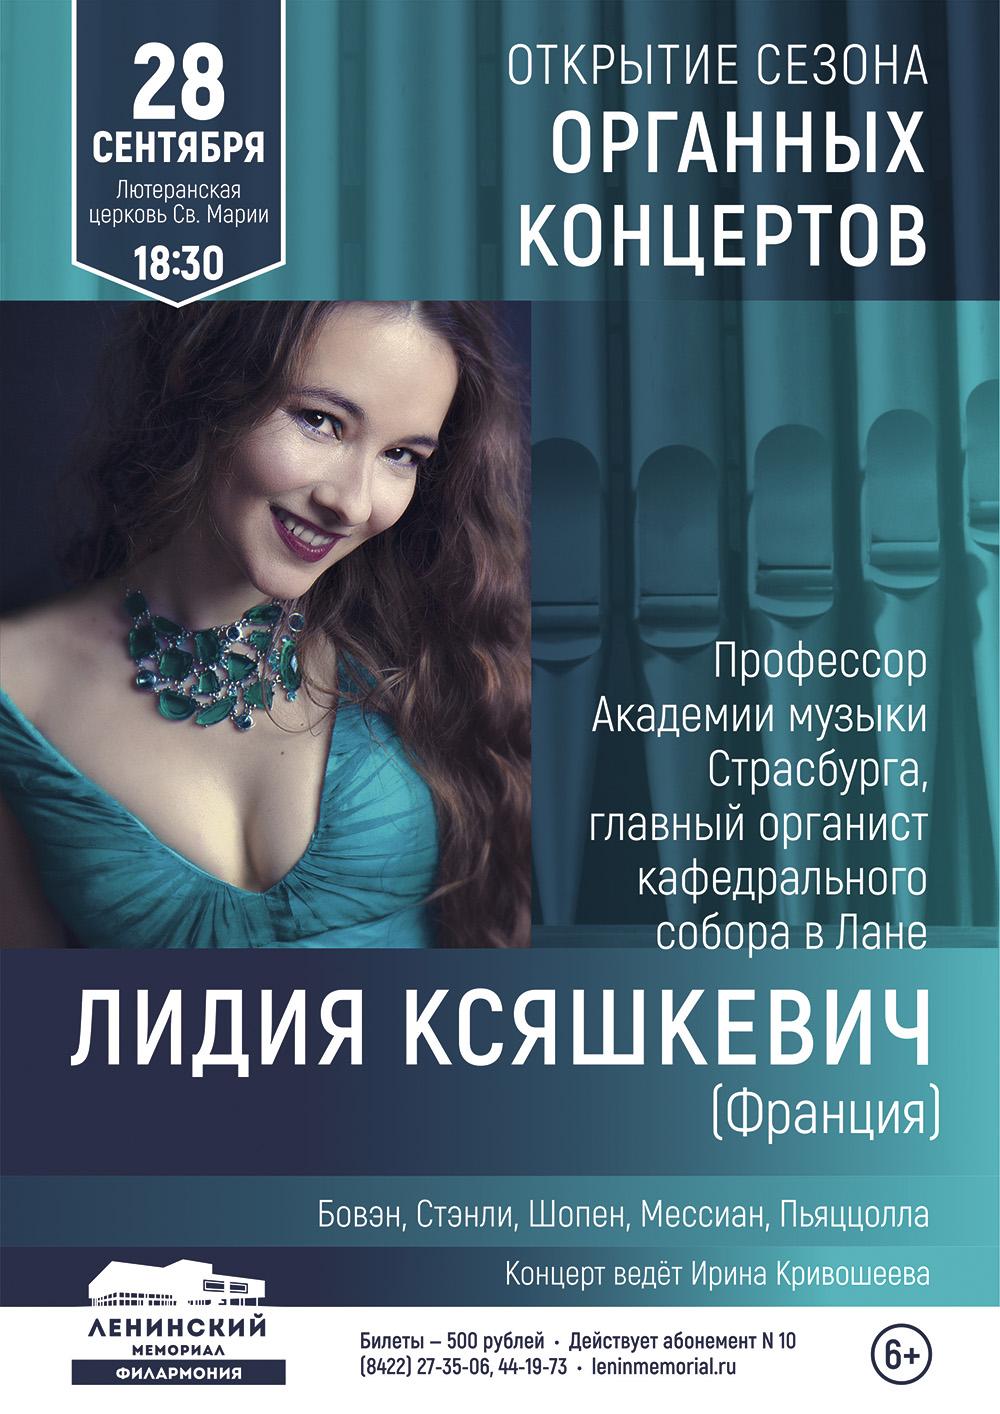 28.09 Ксяшкевич